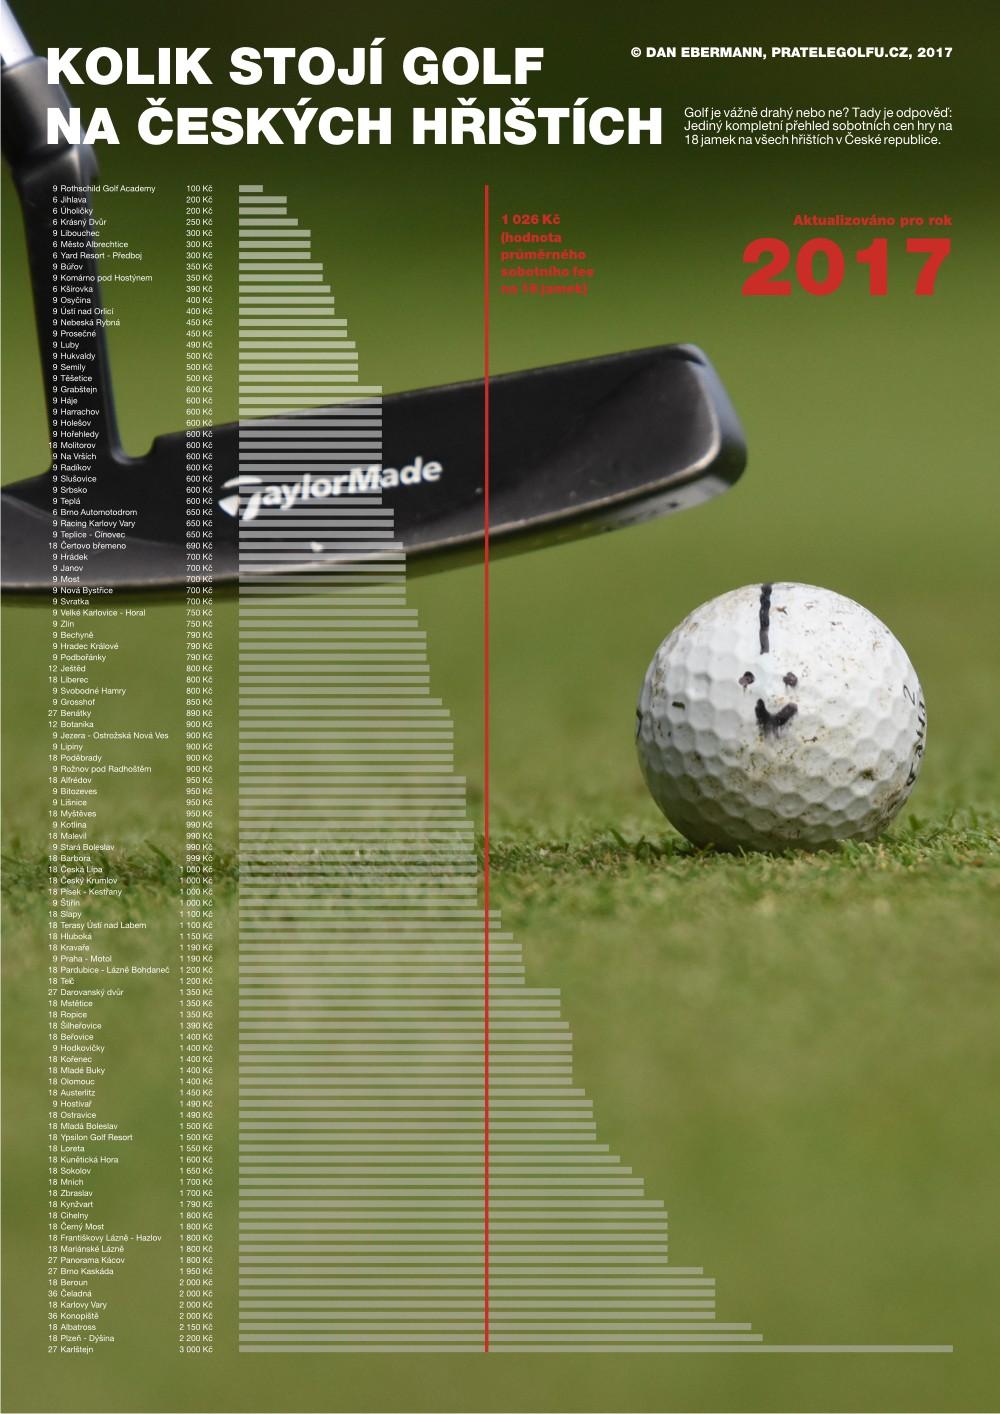 Kolik stojí golf na českých hřištích vroce 2017